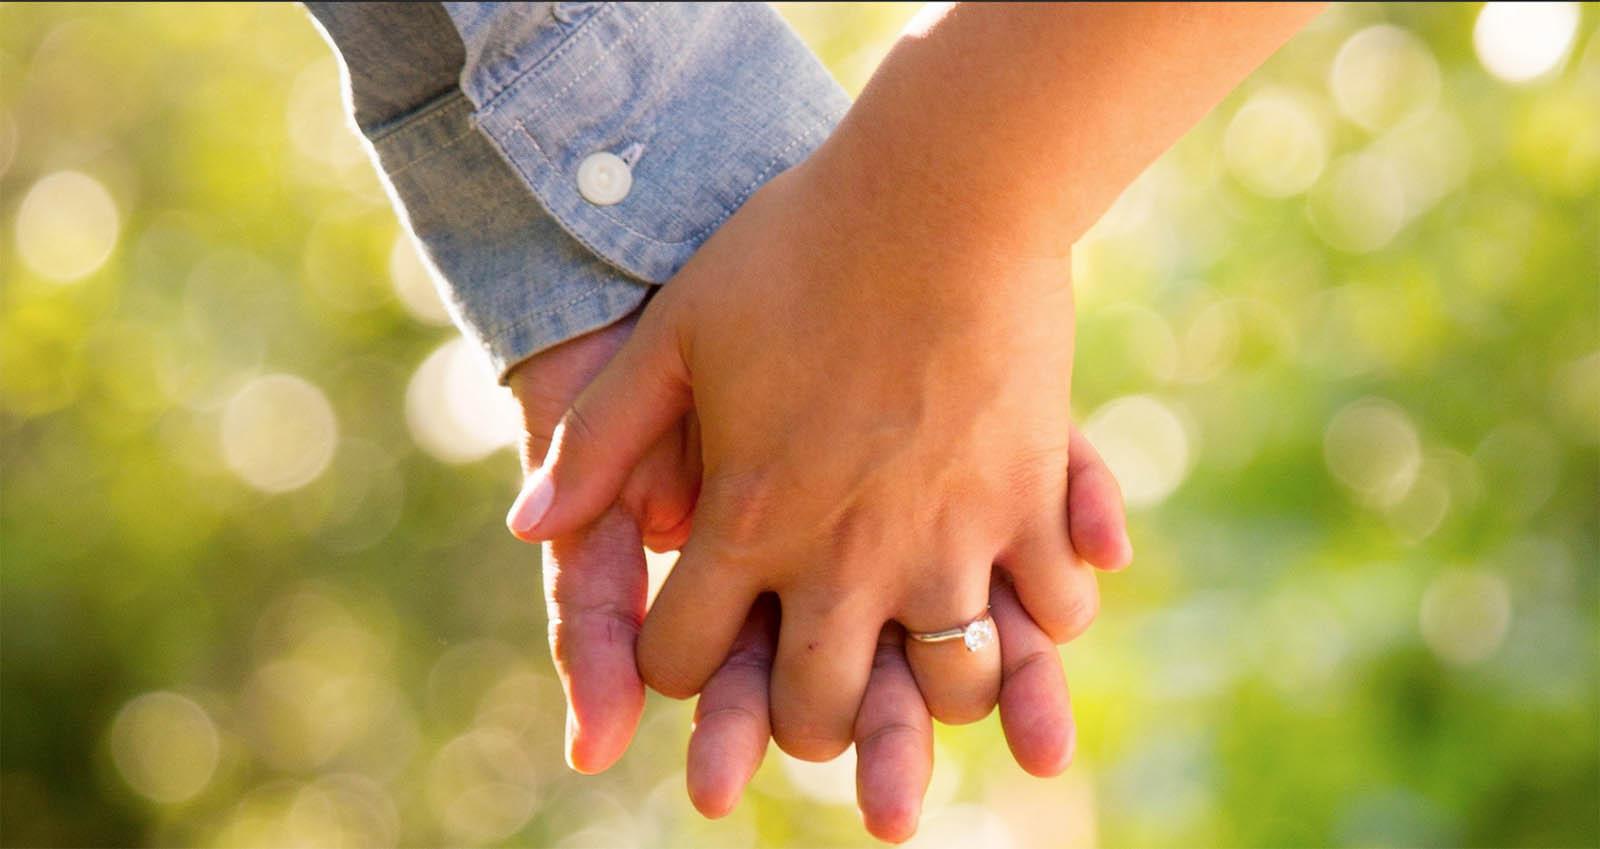 توصیه هایی برایاستحکام روابط زناشویی